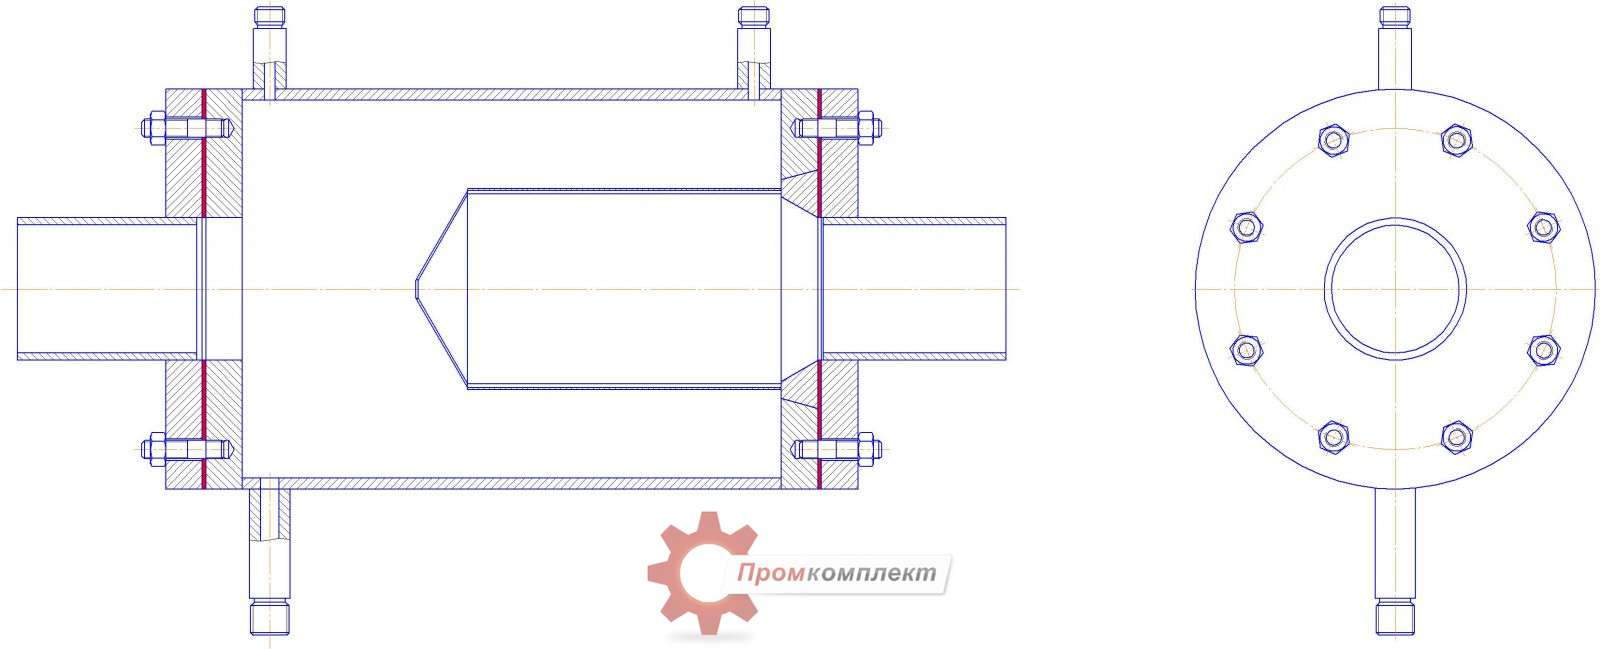 Фильтр газовый сетчатый прямоточный ФГП фото